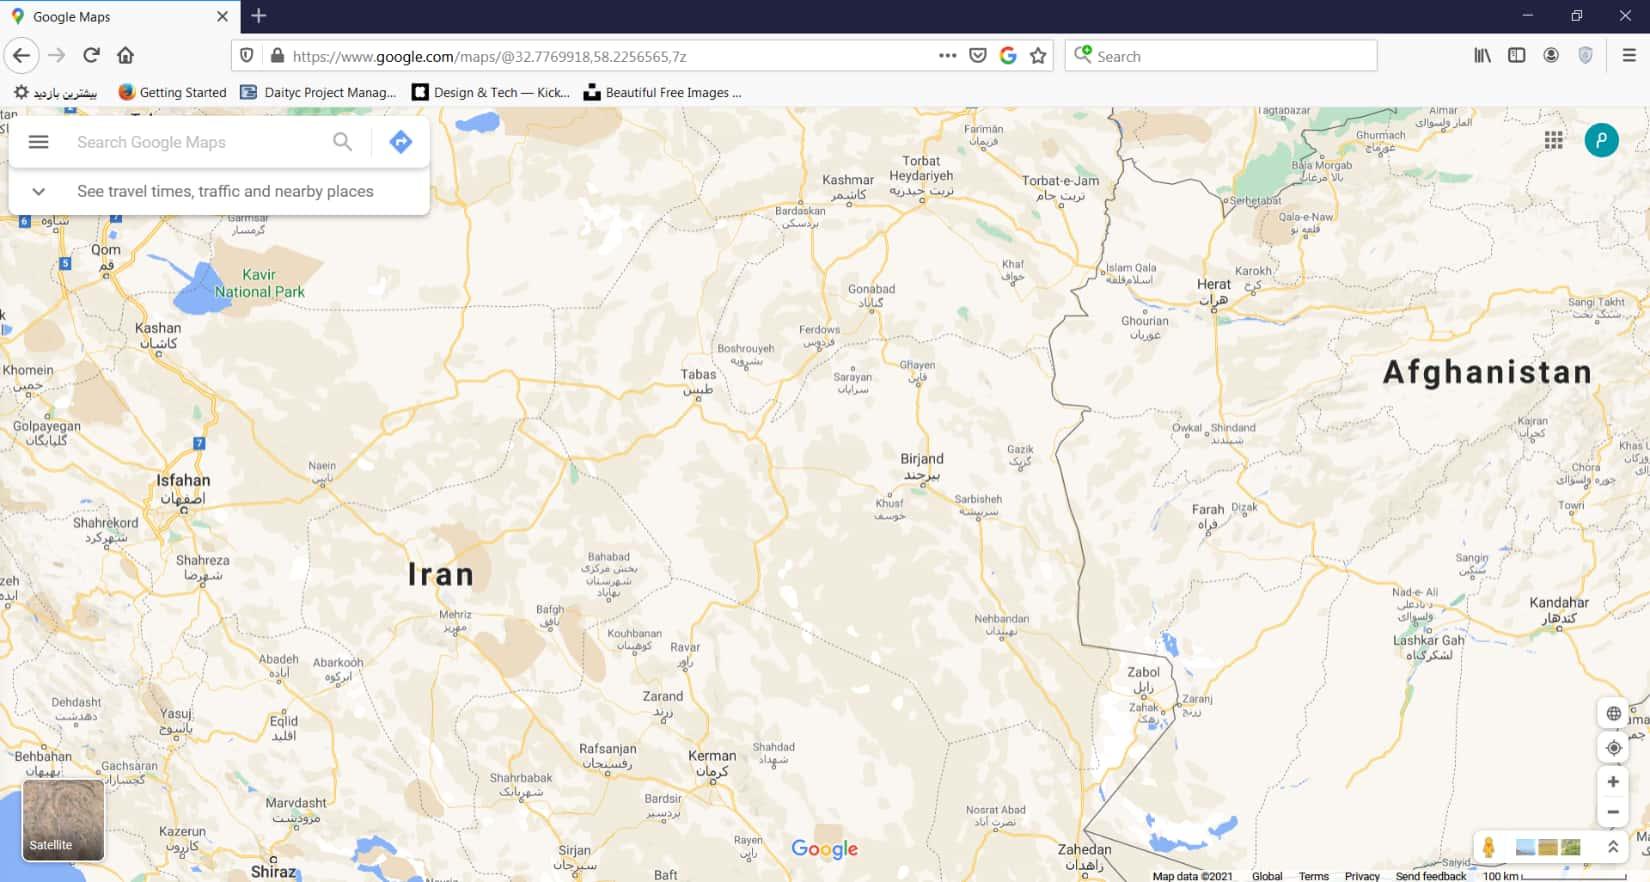 ثبت مکان در گوگل مپ با کامپیوتر